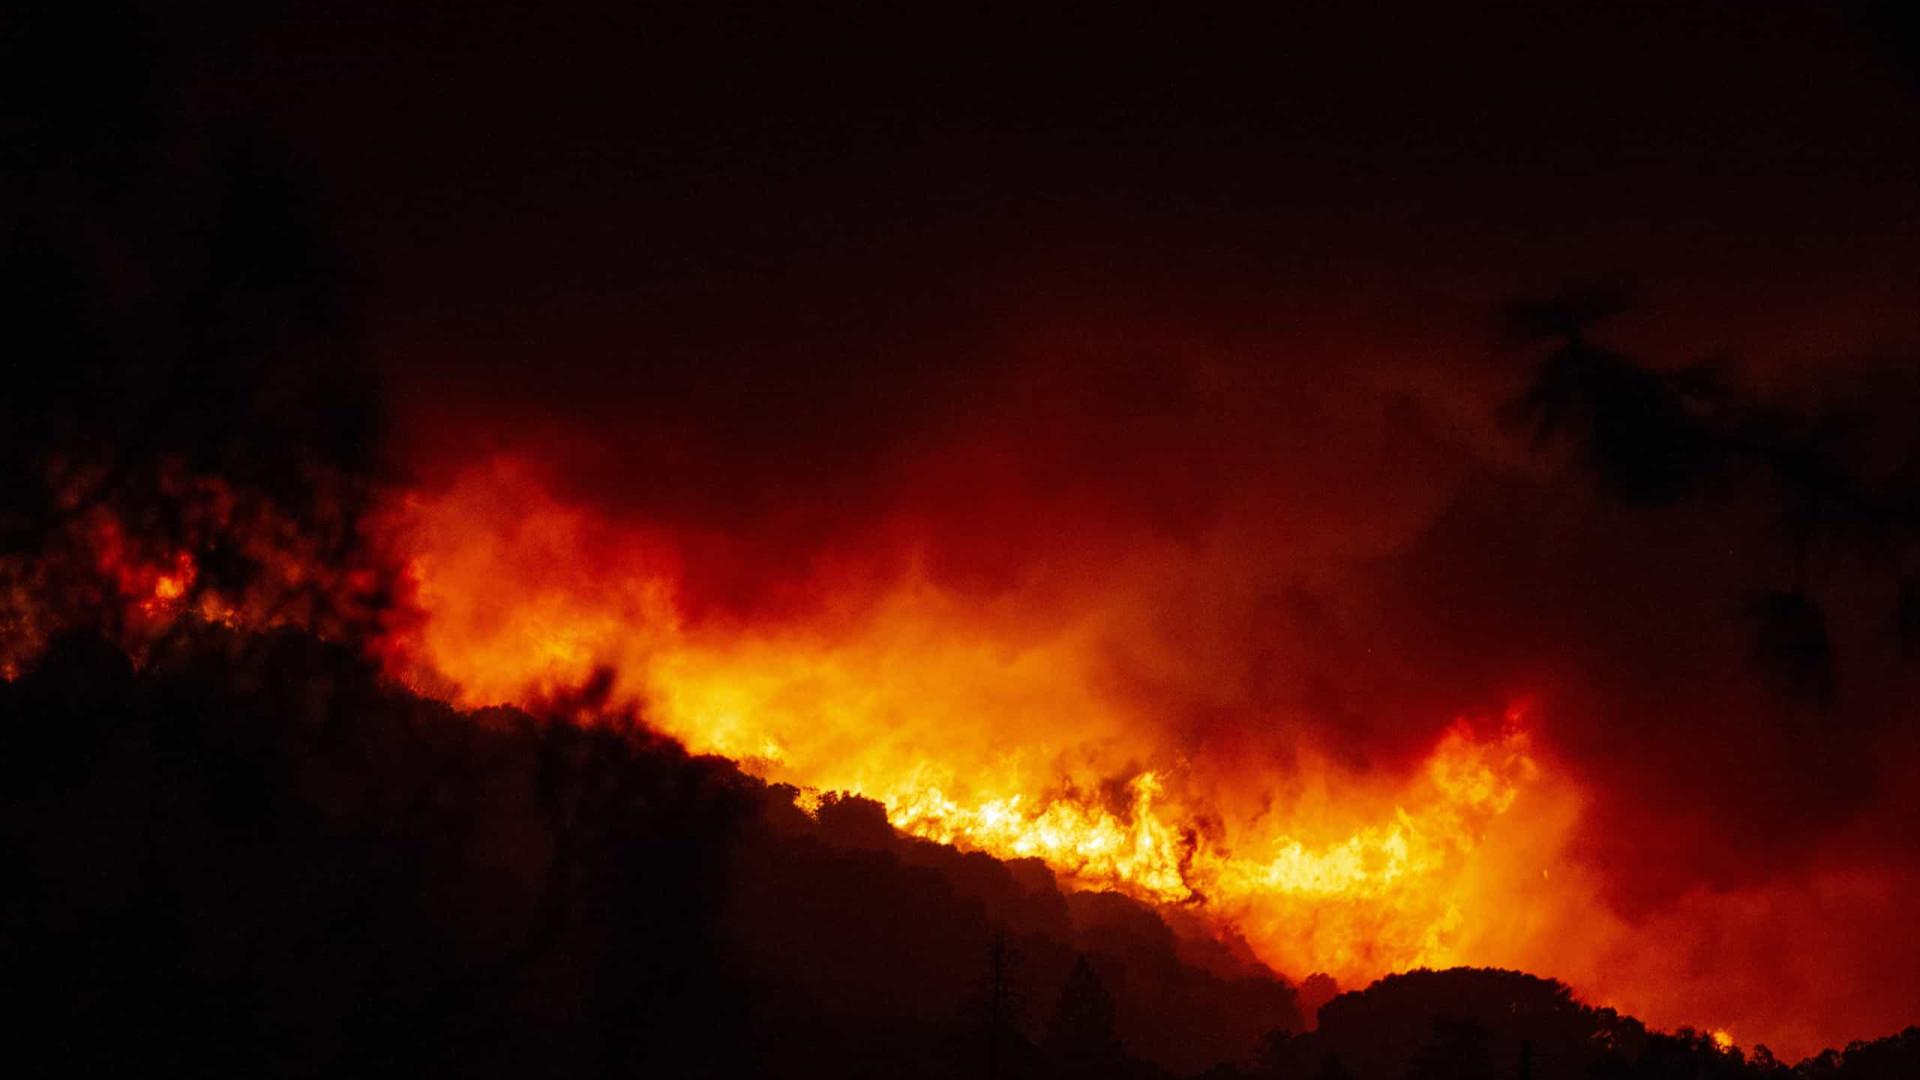 Incêndio sem precedentes no noroeste dos EUA faz pelo menos 6 mortos